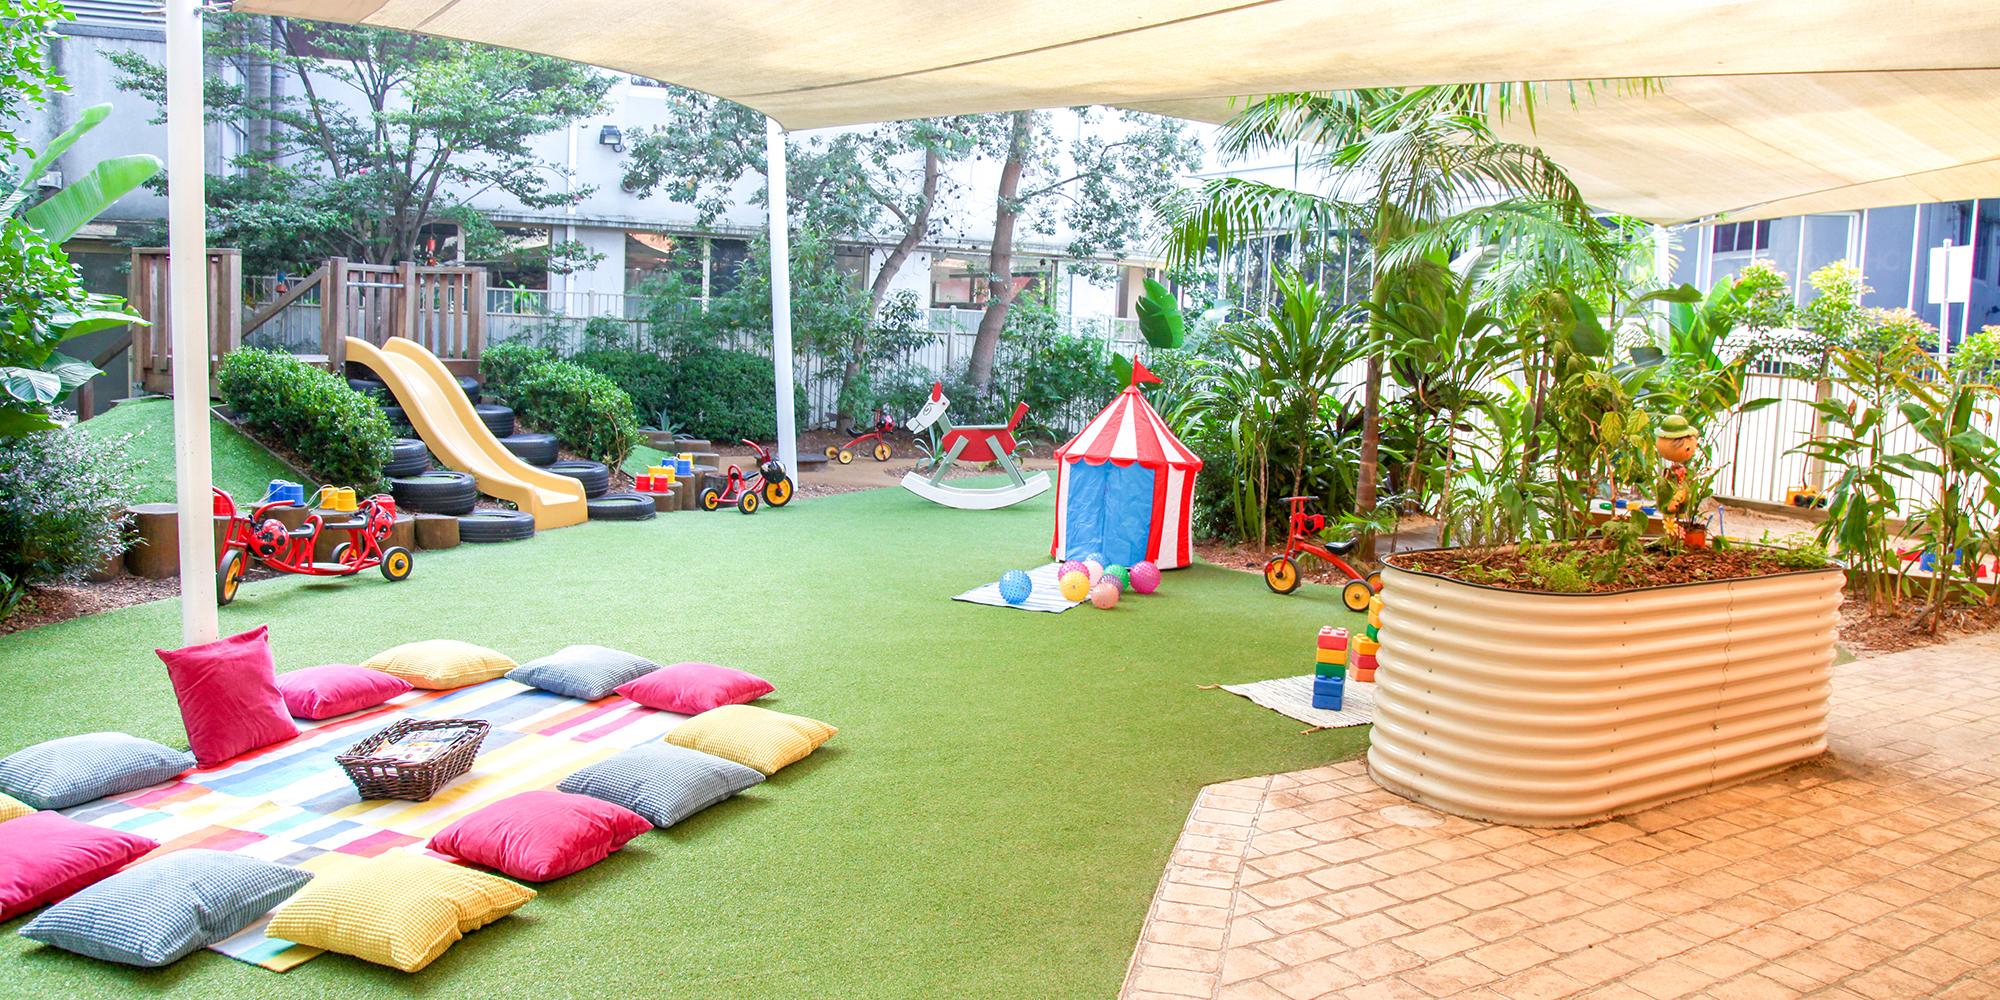 big-playground.jpg